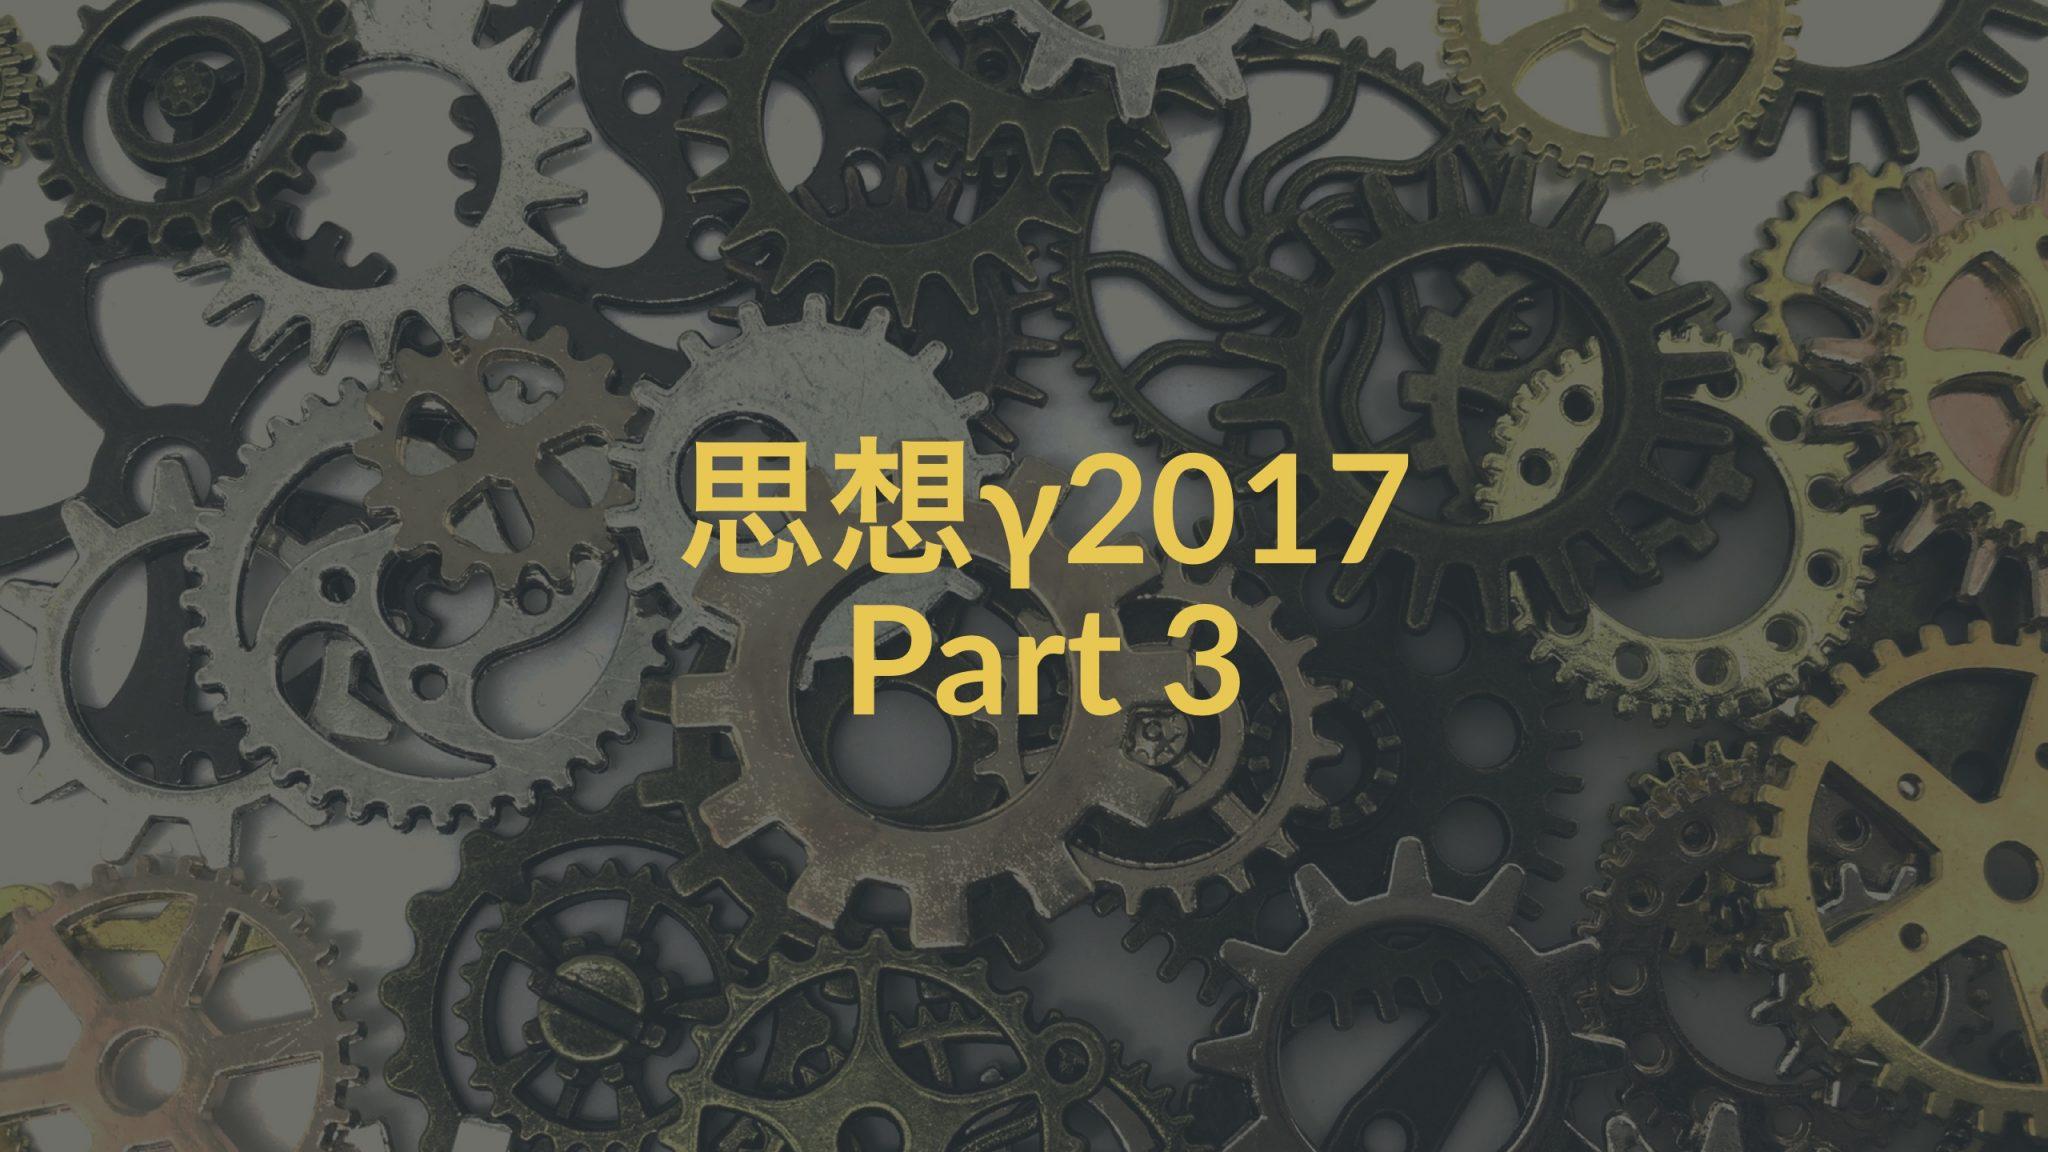 【Part3】思想γ2017―生きる上での現代哲学的問題と原理的規範